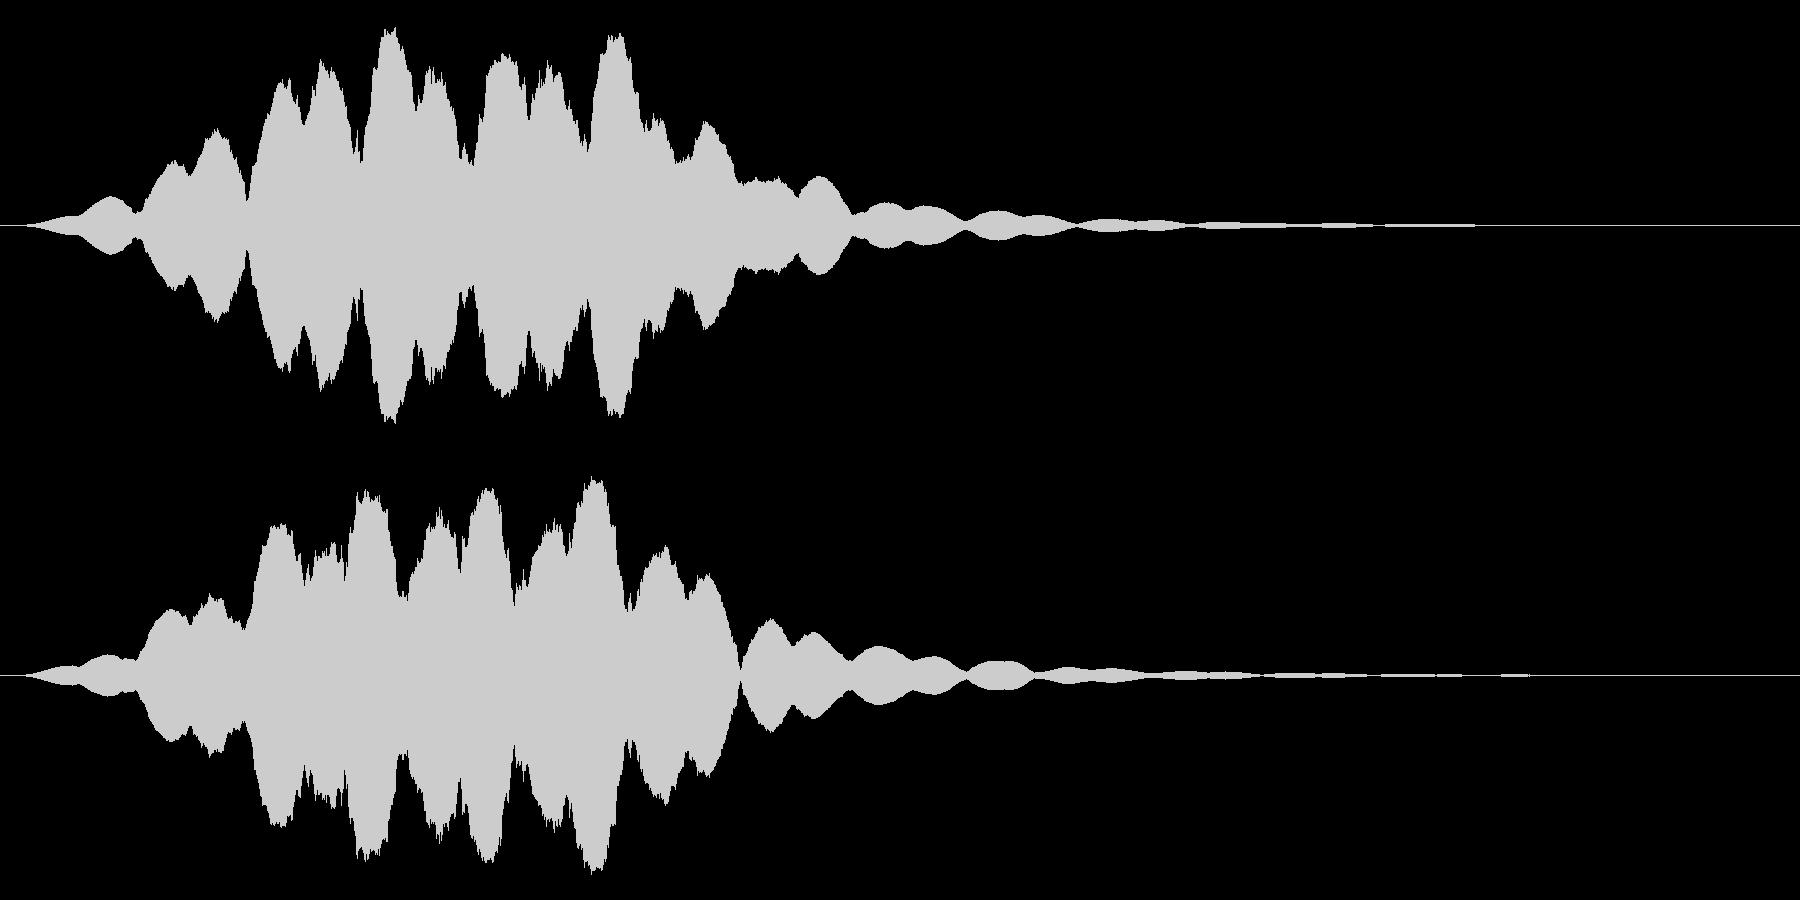 効果音  超能力 サイコメトラーの未再生の波形